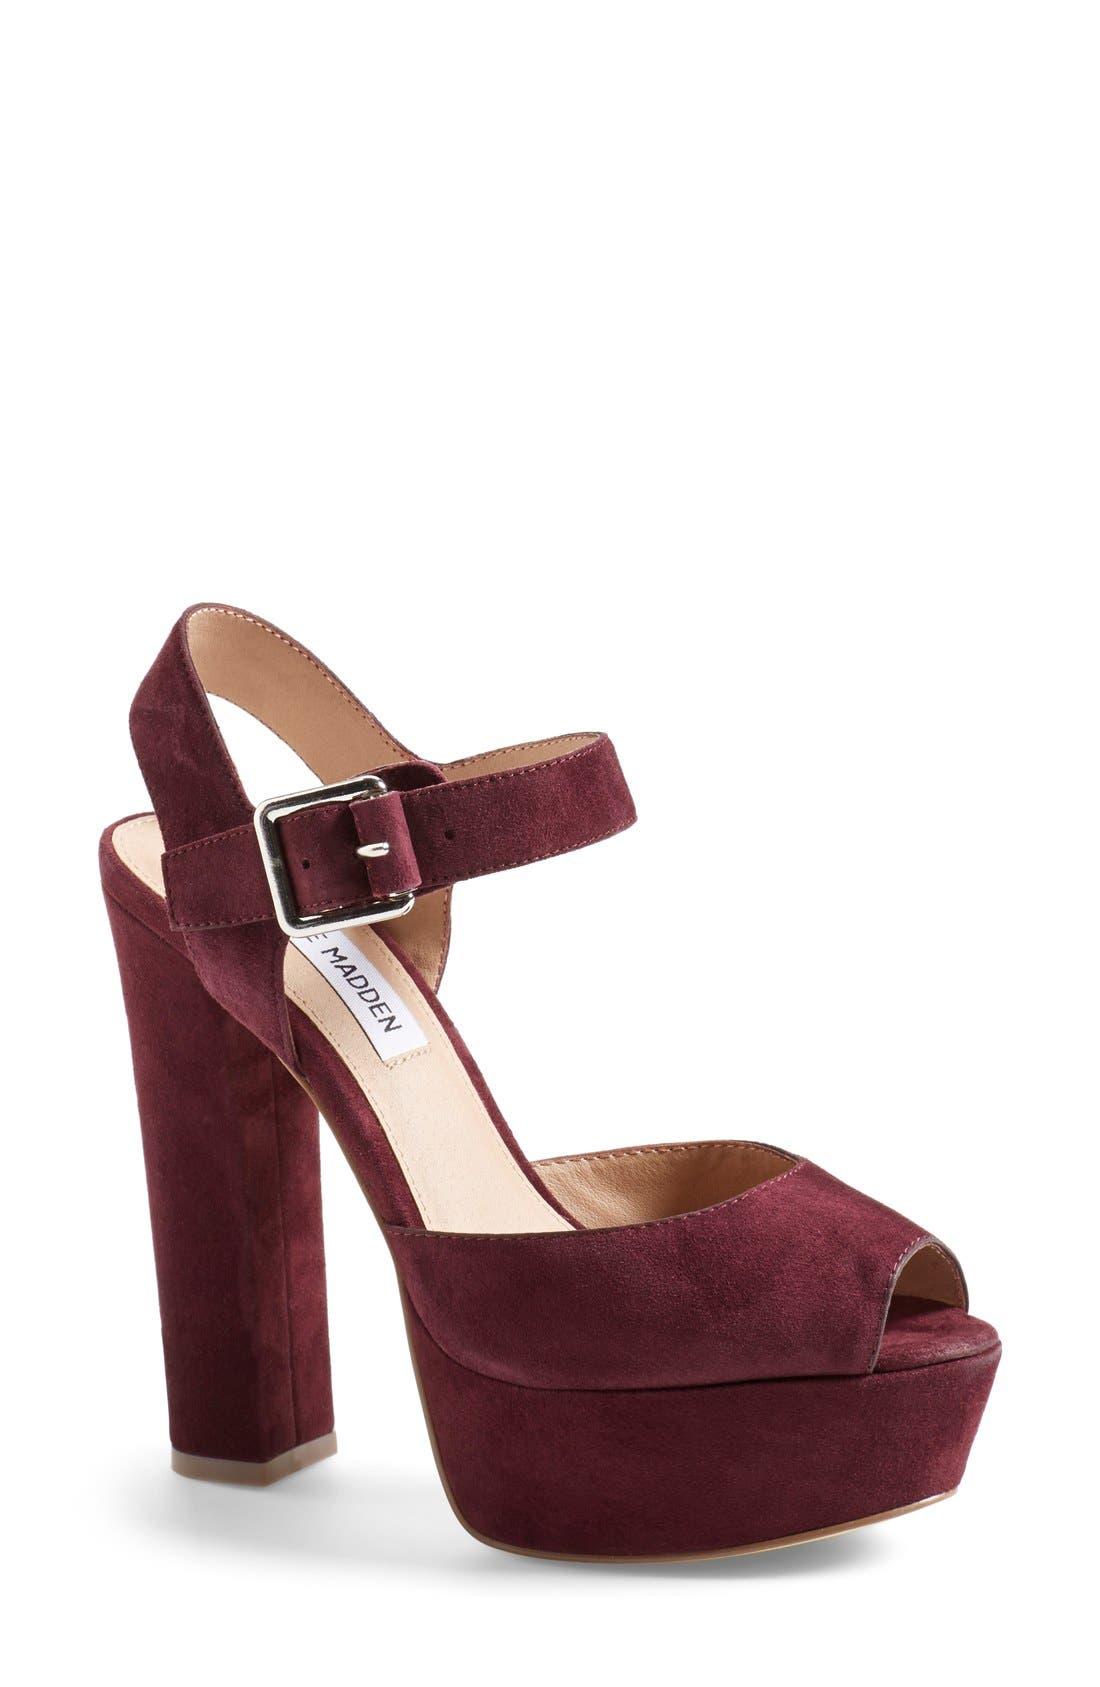 Alternate Image 1 Selected - Steve Madden 'Jillyy' Platform Sandal (Women)